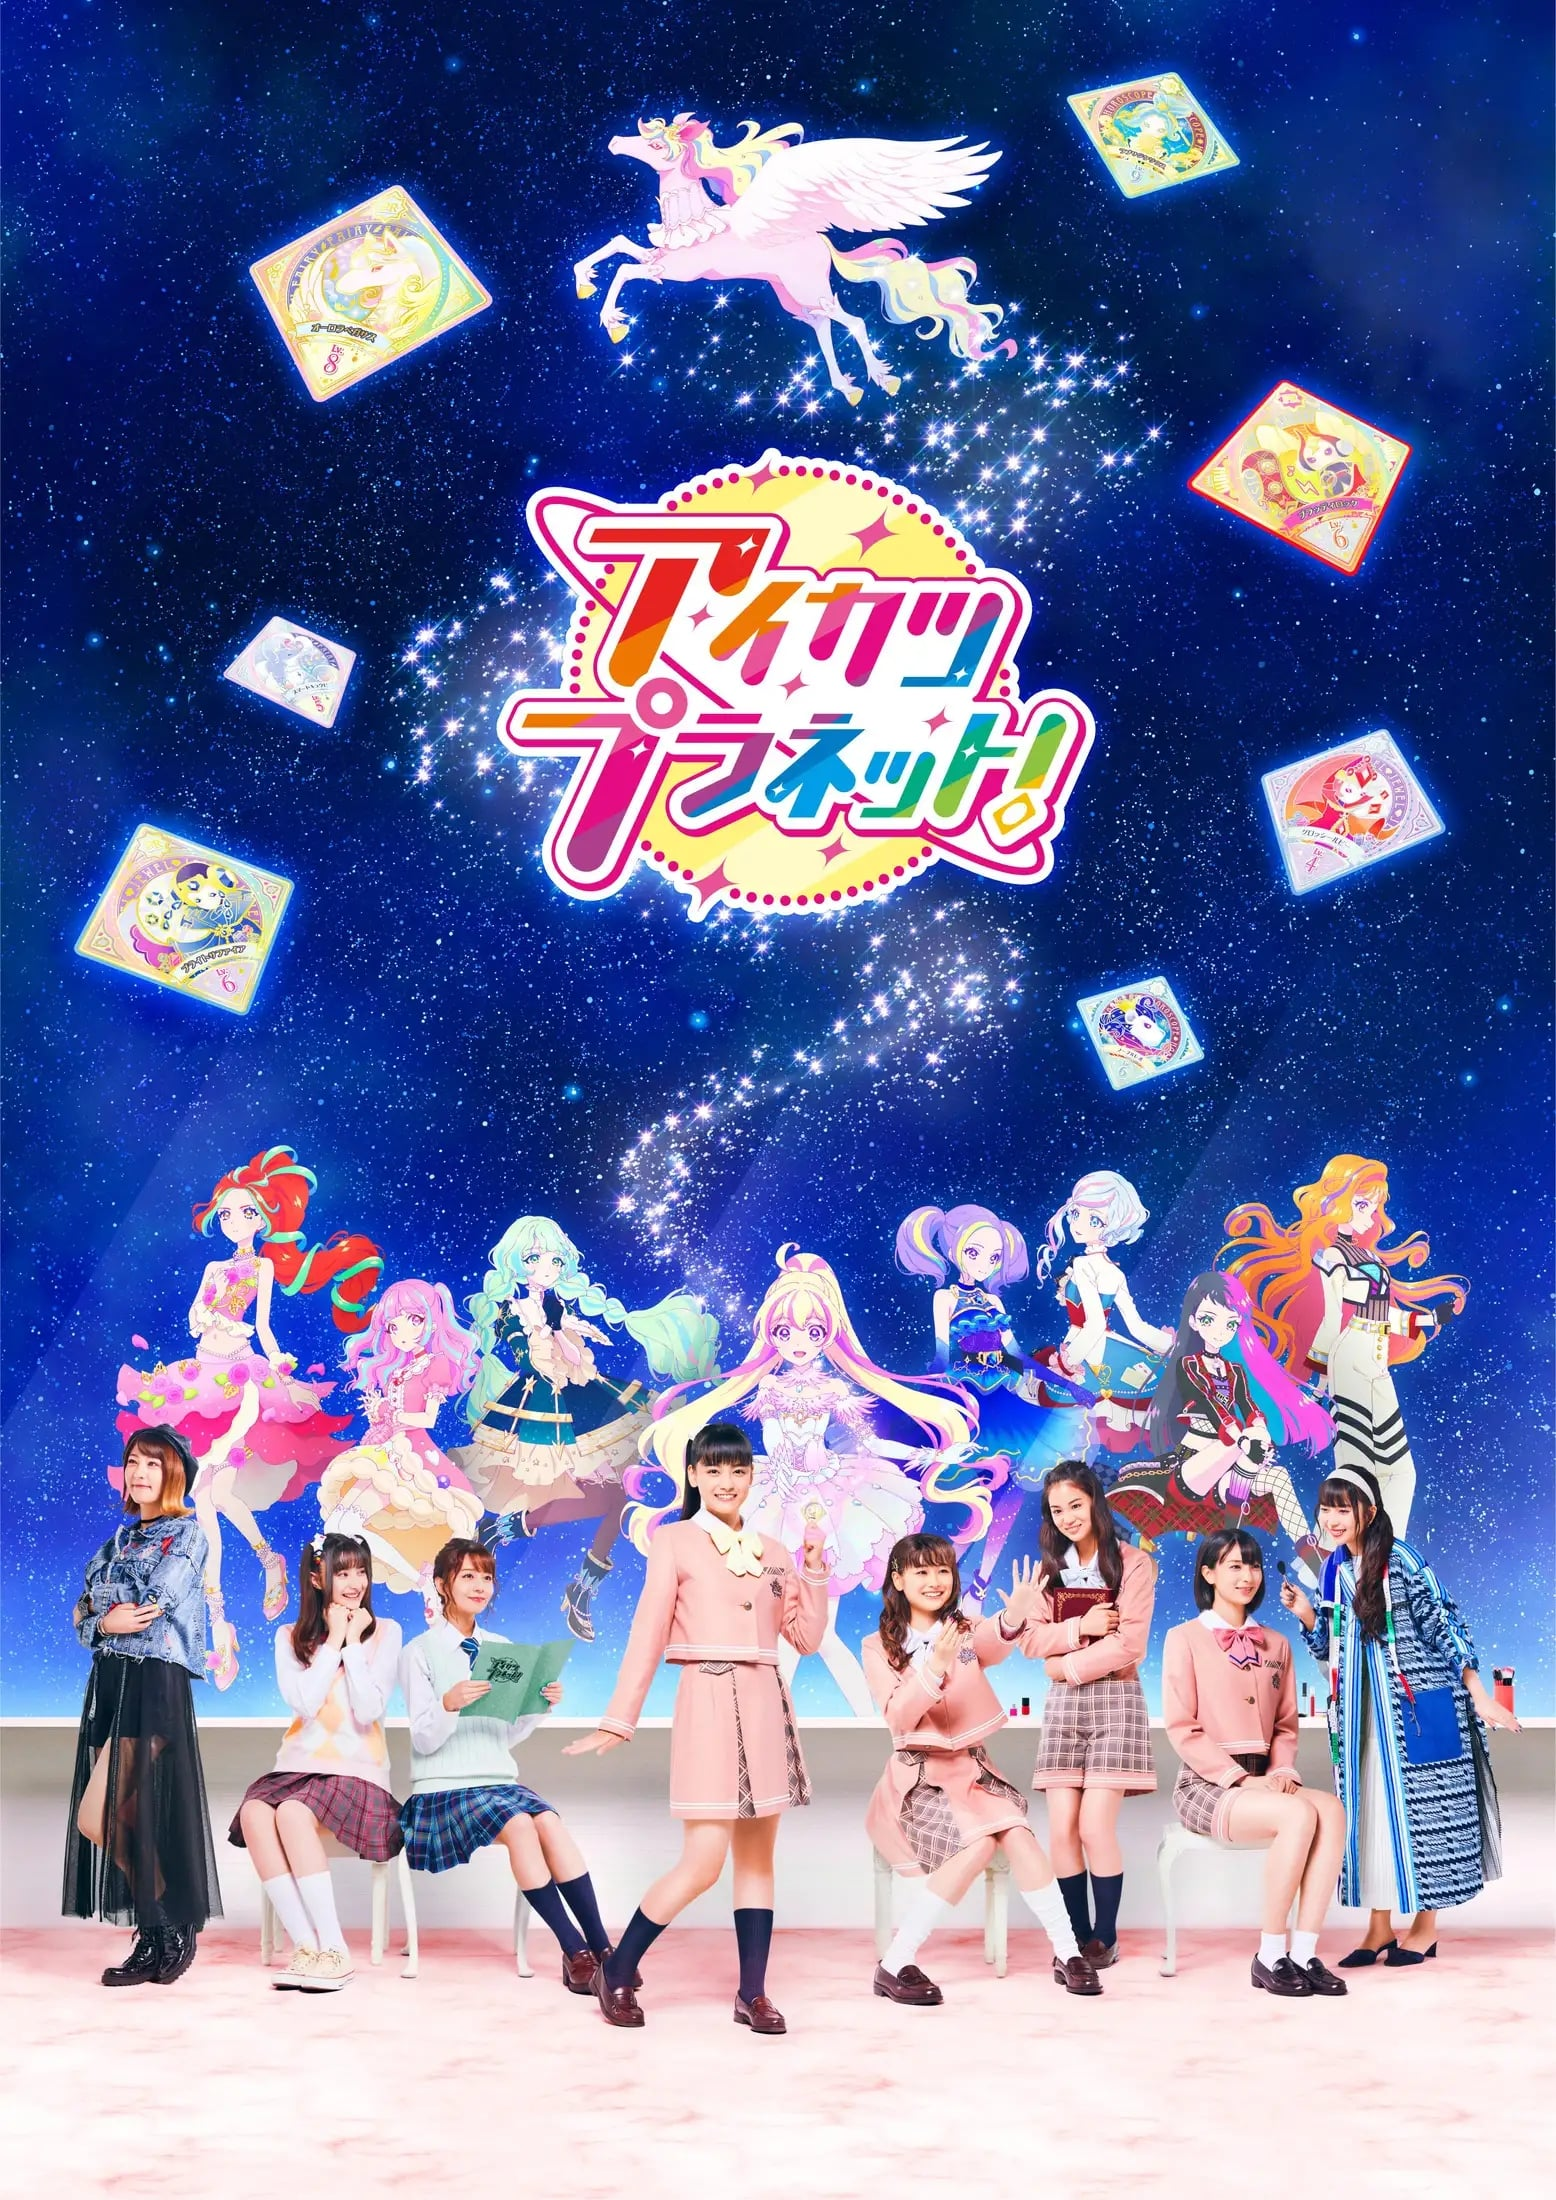 アイカツプラネット! TV Shows About Japan